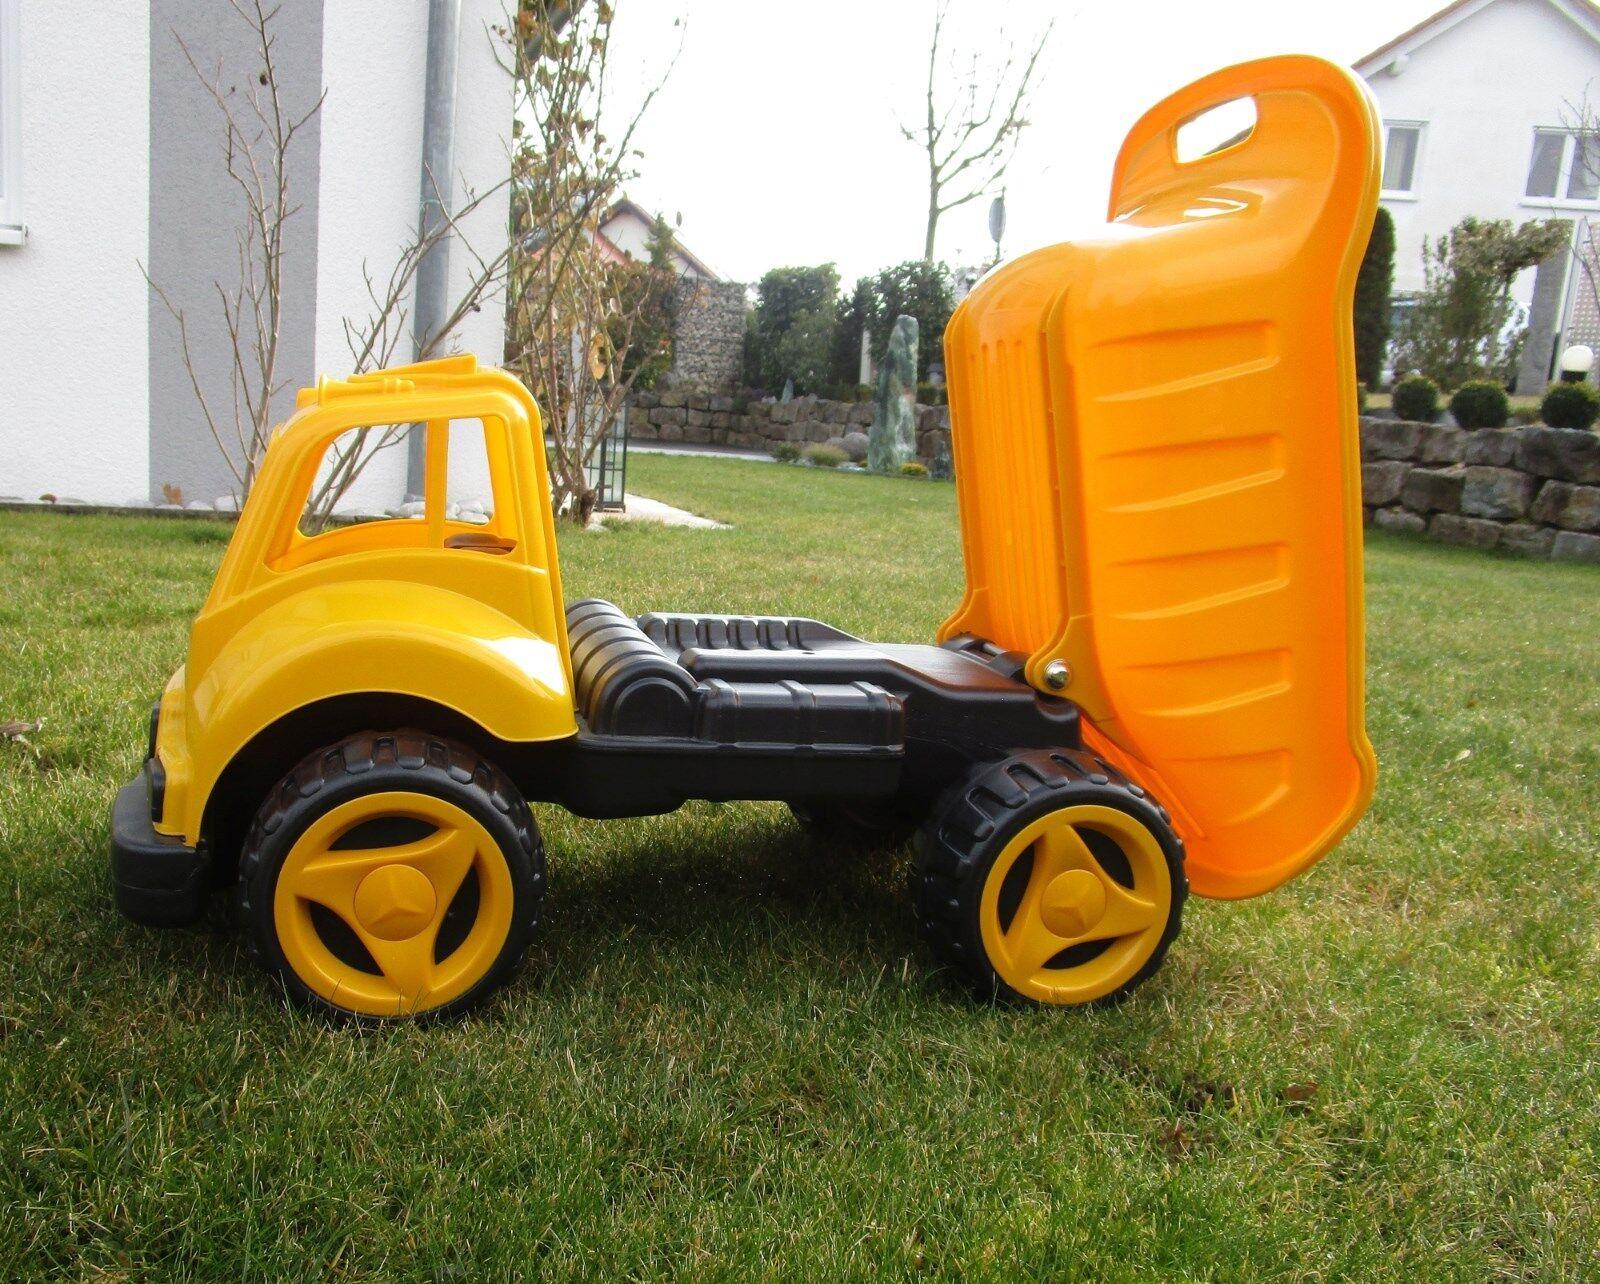 XXL Kinder Kinder Kinder mit Kipper Sandkipper Sandfahrzeug Sandkasten Kiga XXL Qualität 20120  | Optimaler Preis  96521b